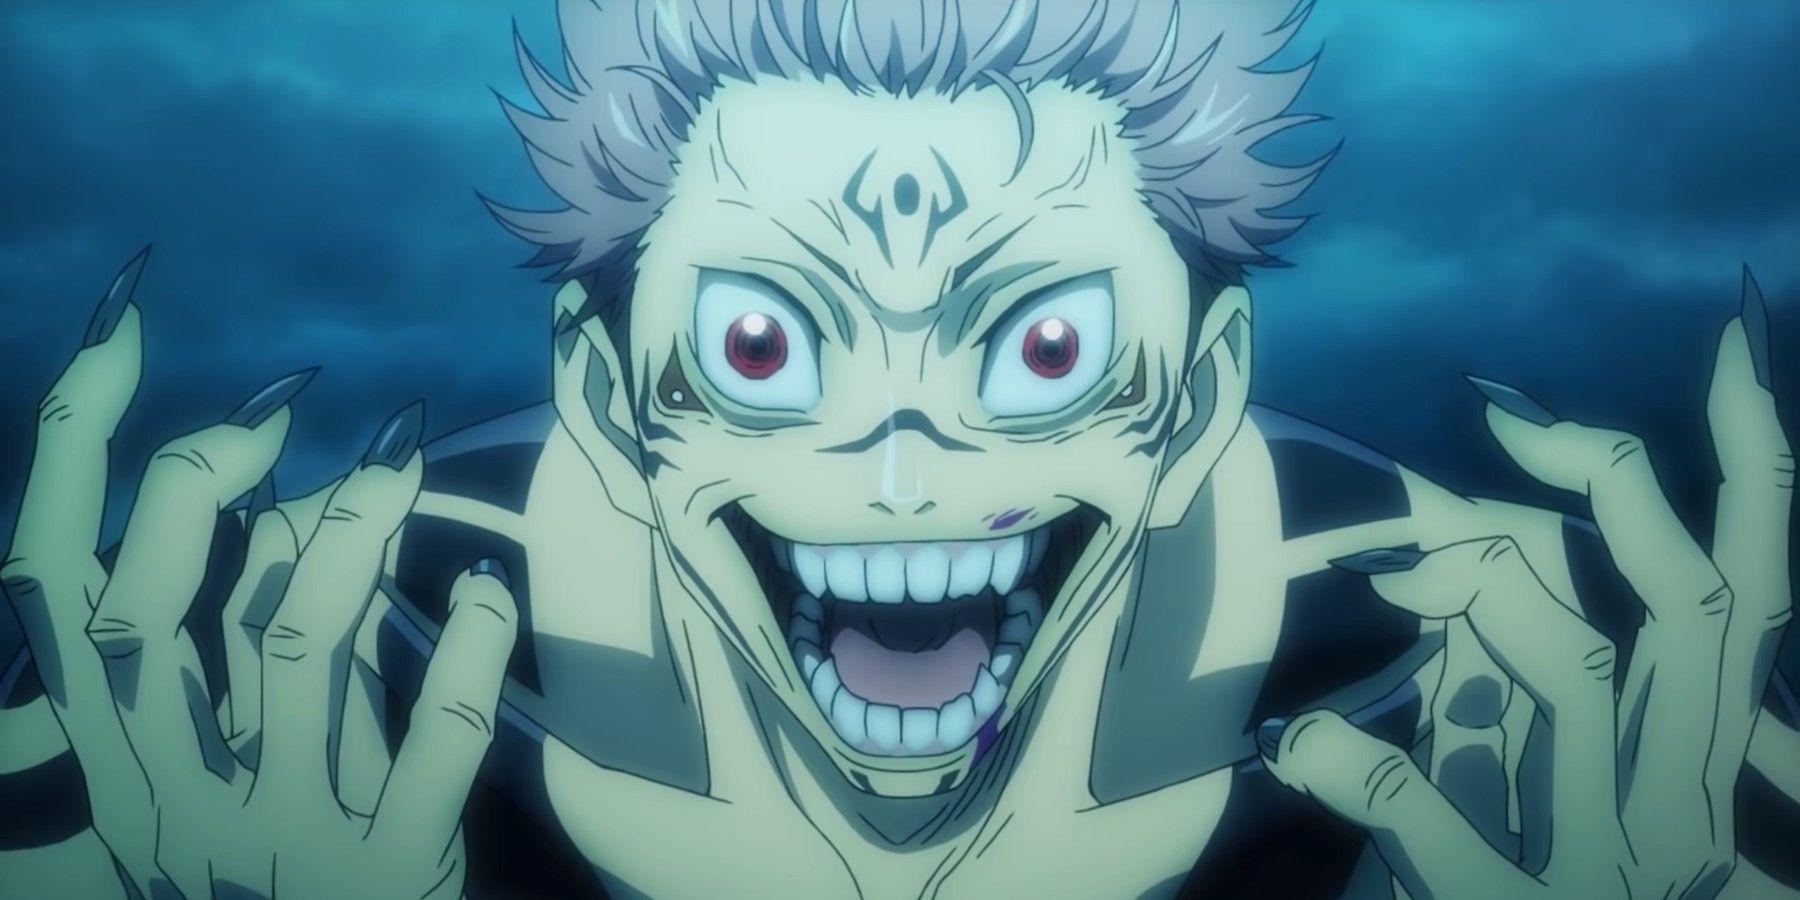 Guia de Personagens Jujutsu Kaisen: Quem é quem no anime da Shonen Jump 4